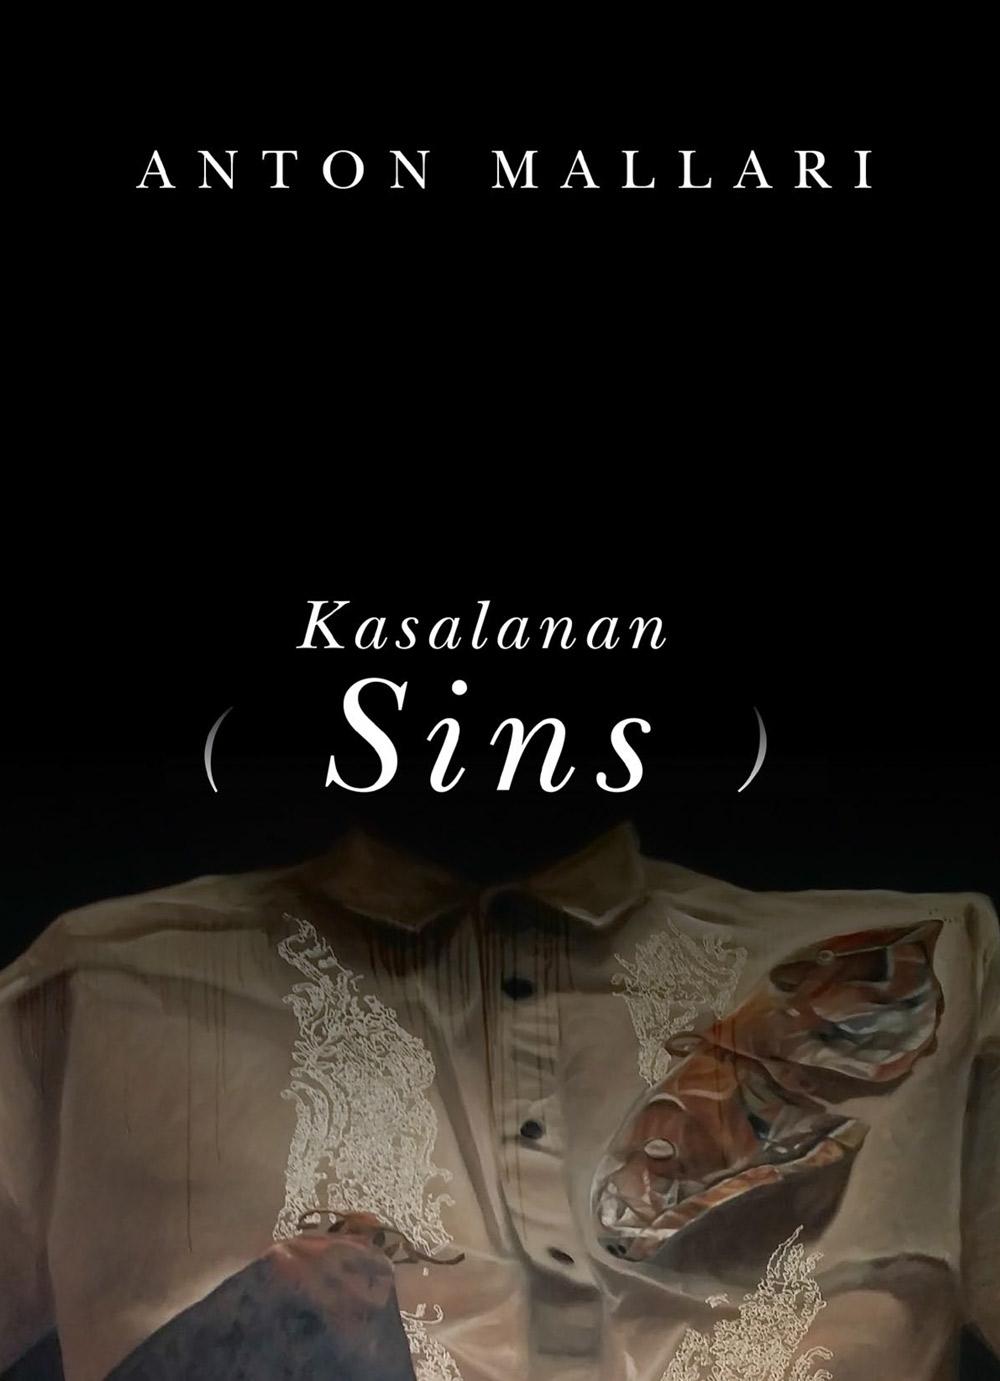 Anton Mallari – Kasalanan (Sins)